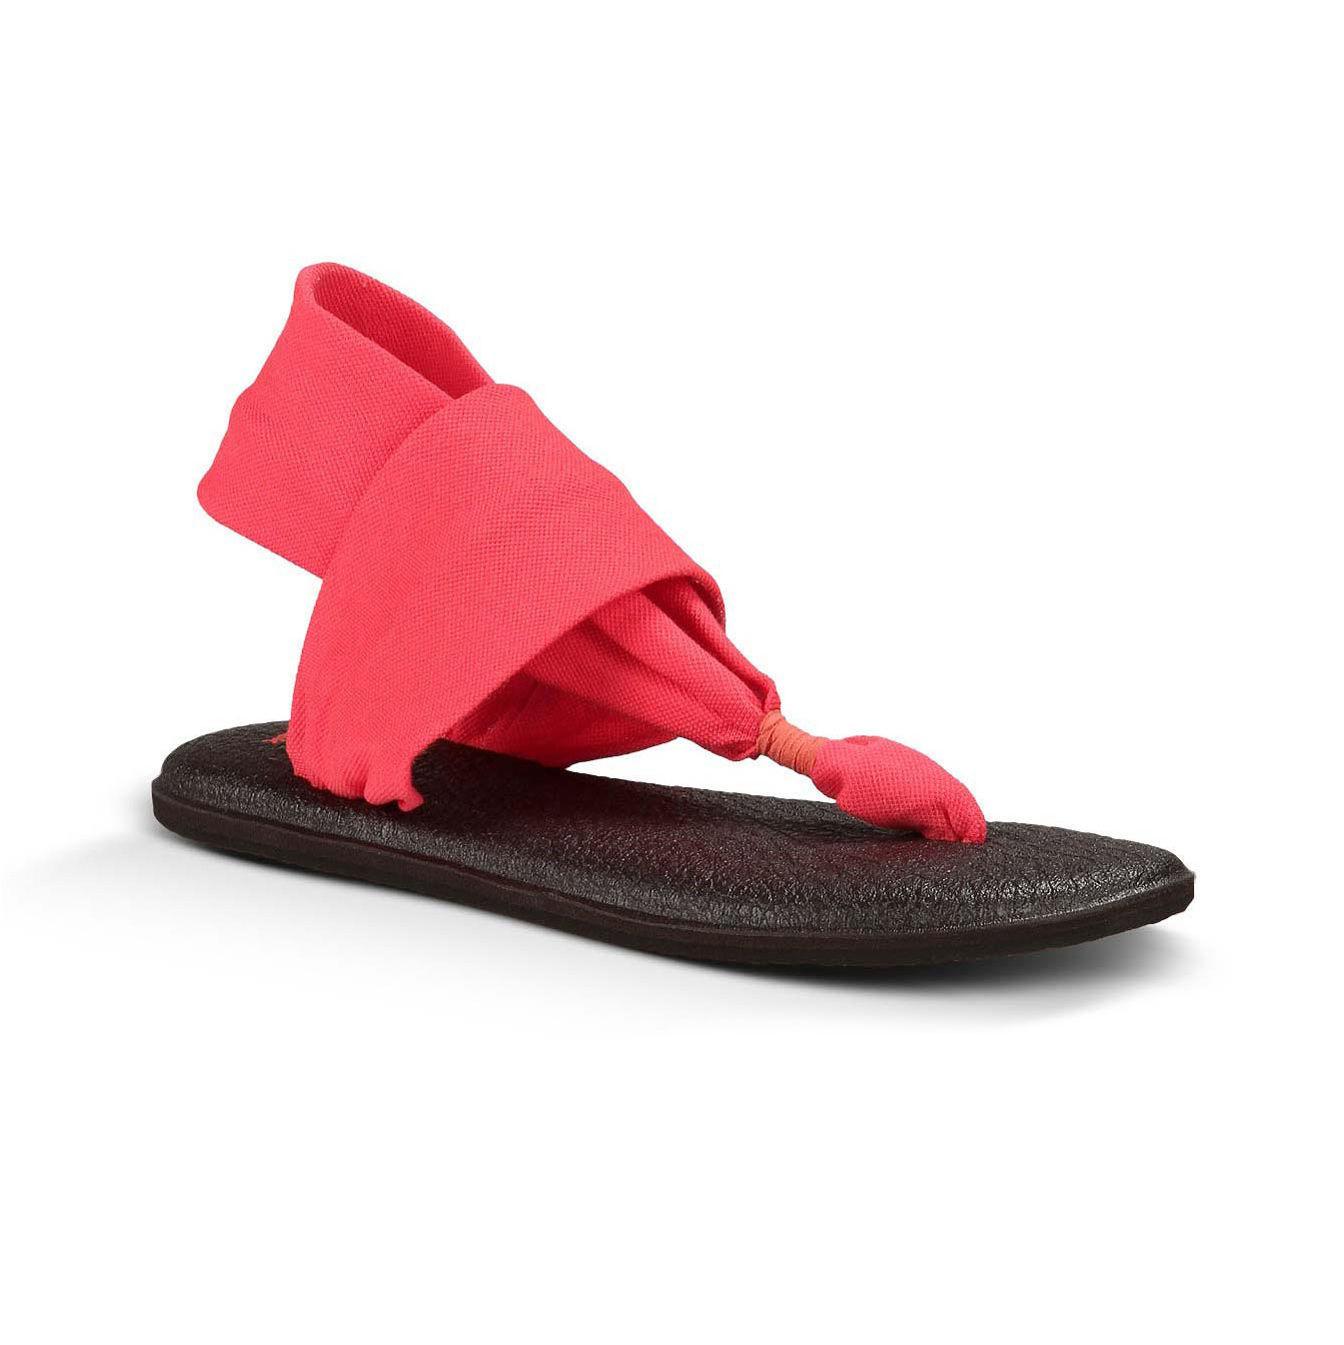 Sanuk Women S Yoga Sling 2 Sandals Ebay